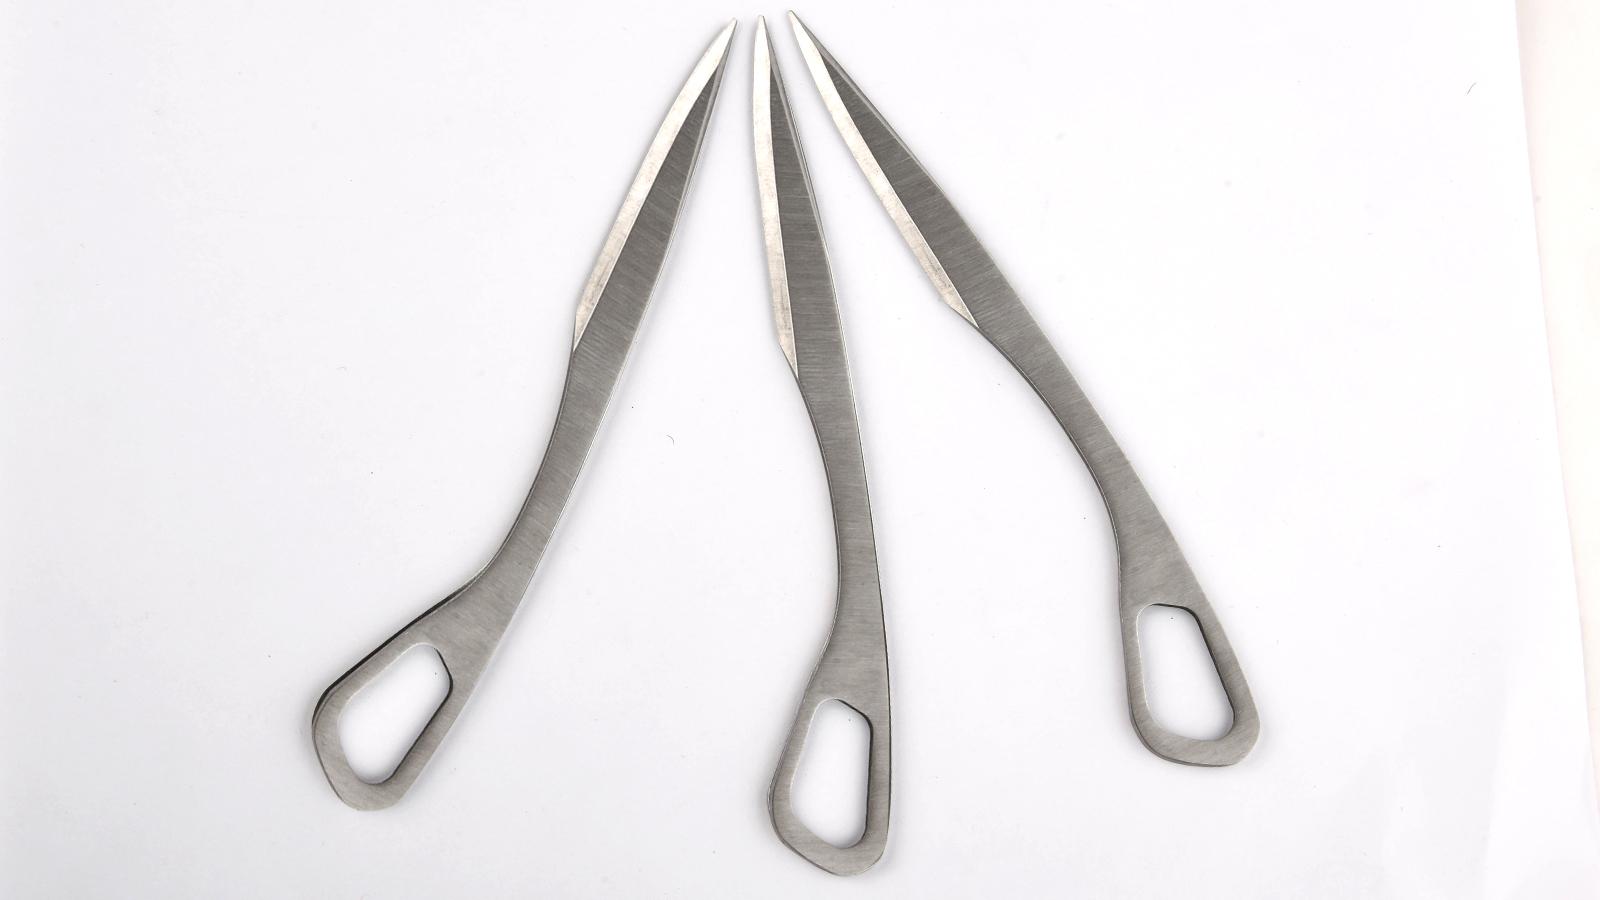 Заказать набор спортивных метательных ножей